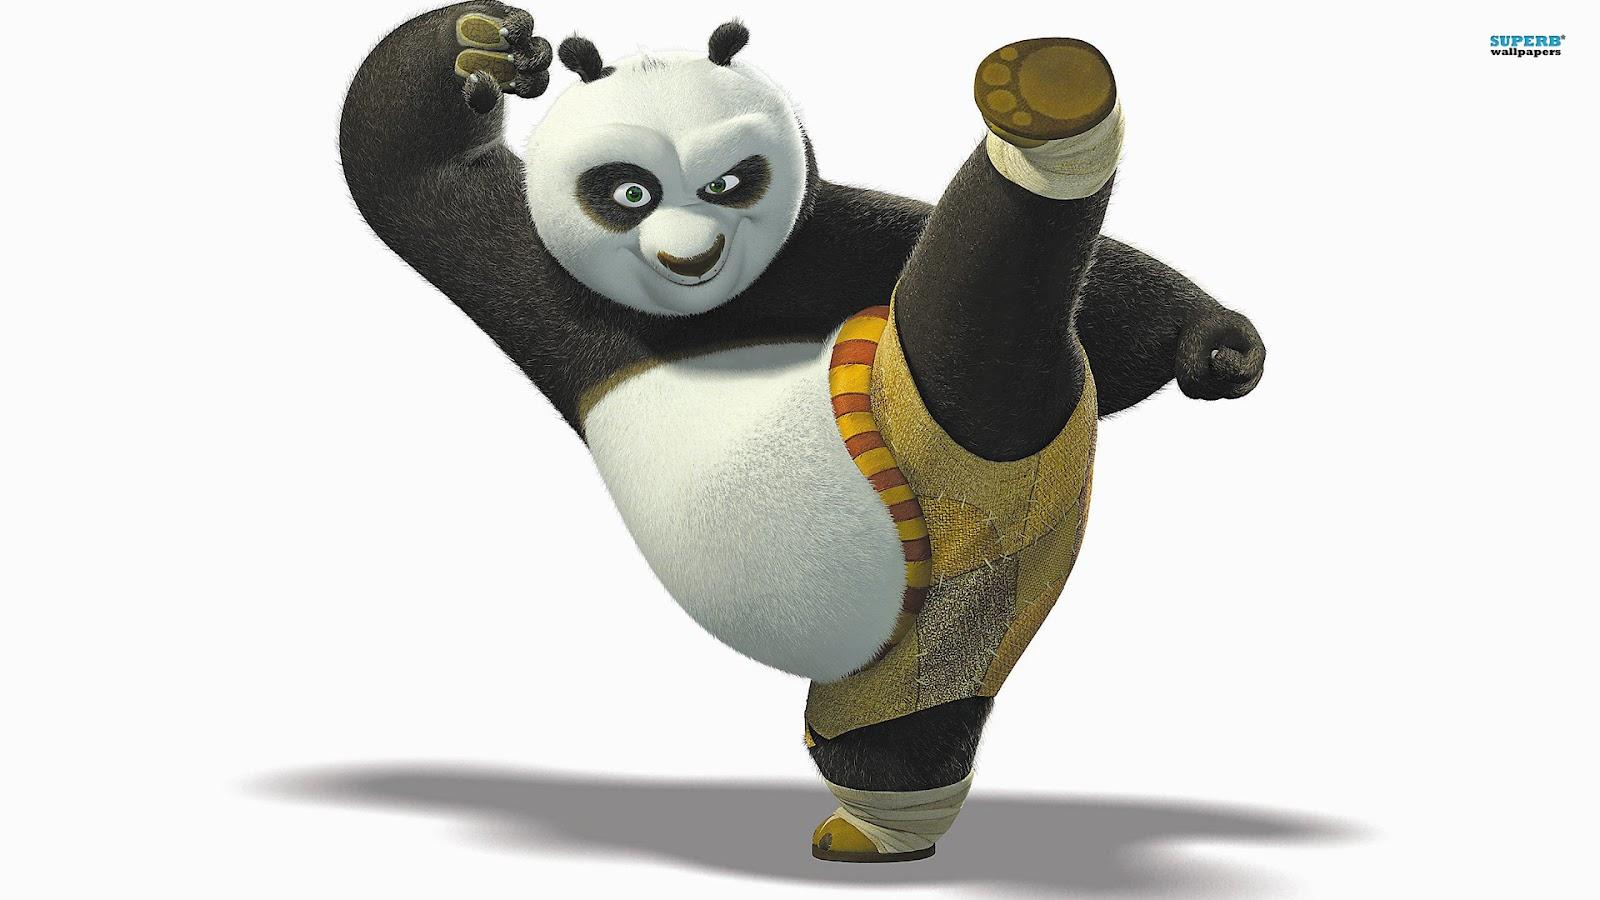 http://1.bp.blogspot.com/-9e40859NAss/UBH9YuTx5nI/AAAAAAAAC7g/3ezCtpSH_vU/s1600/kung-fu-panda-4032-1920x1080.jpg